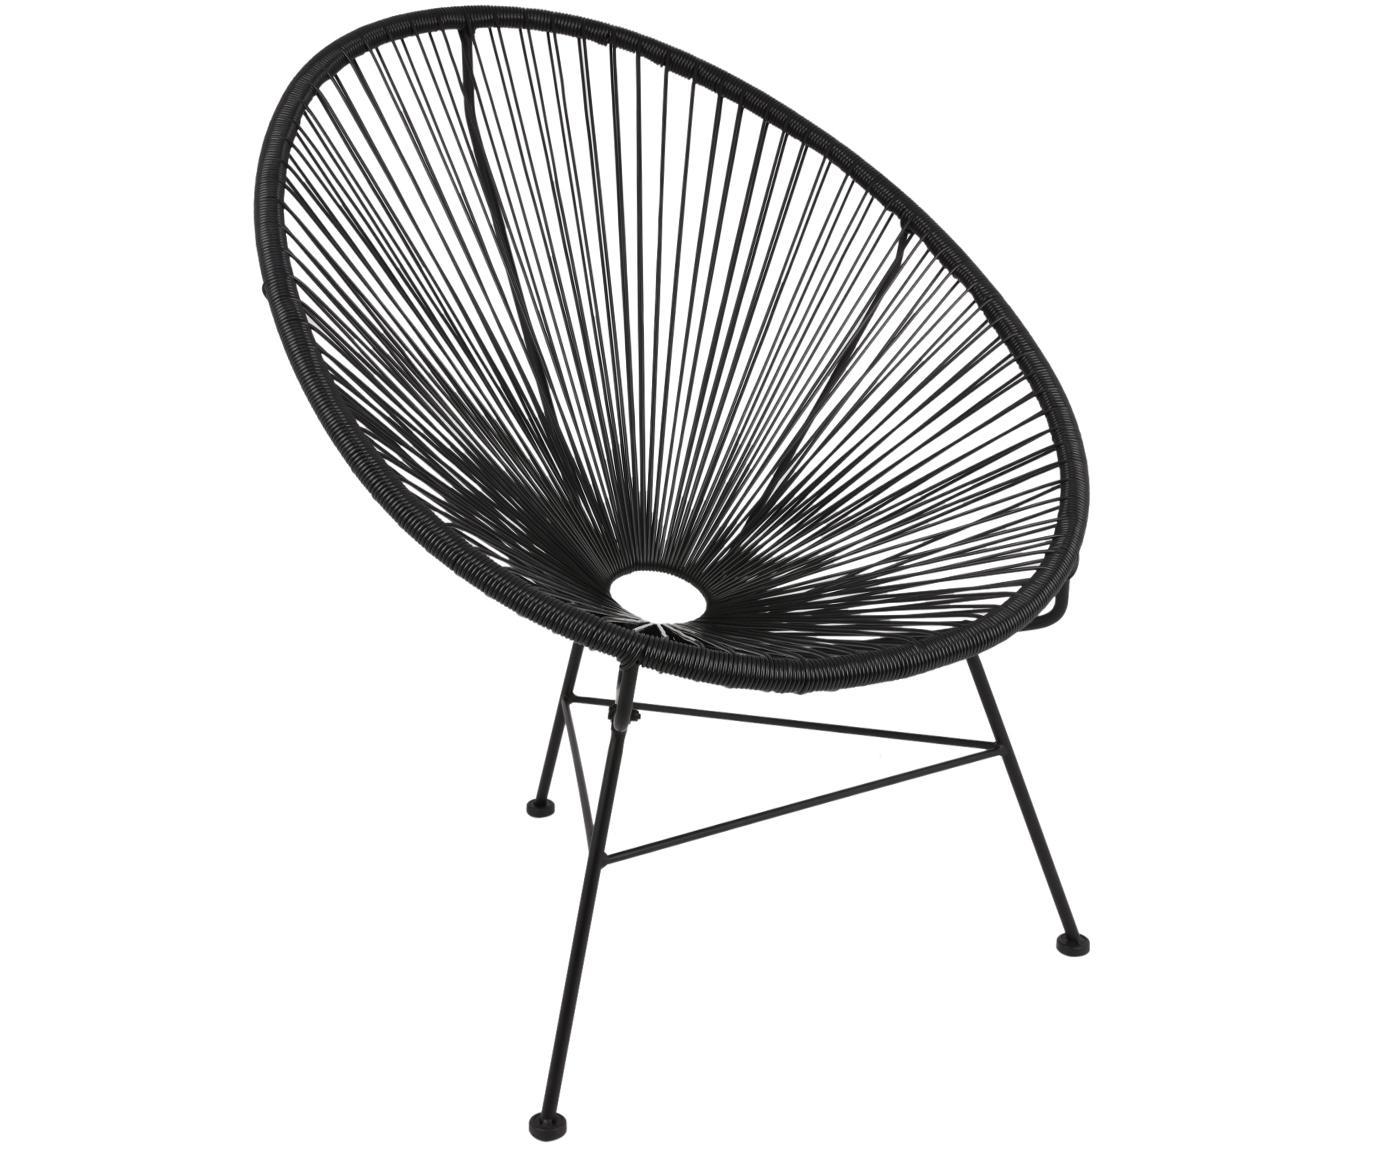 Sillón Bahia, Asiento: plástico, Estructura: metal con pintura en polv, Plástico: negro Estructura: negro, An 81 x F 73 cm